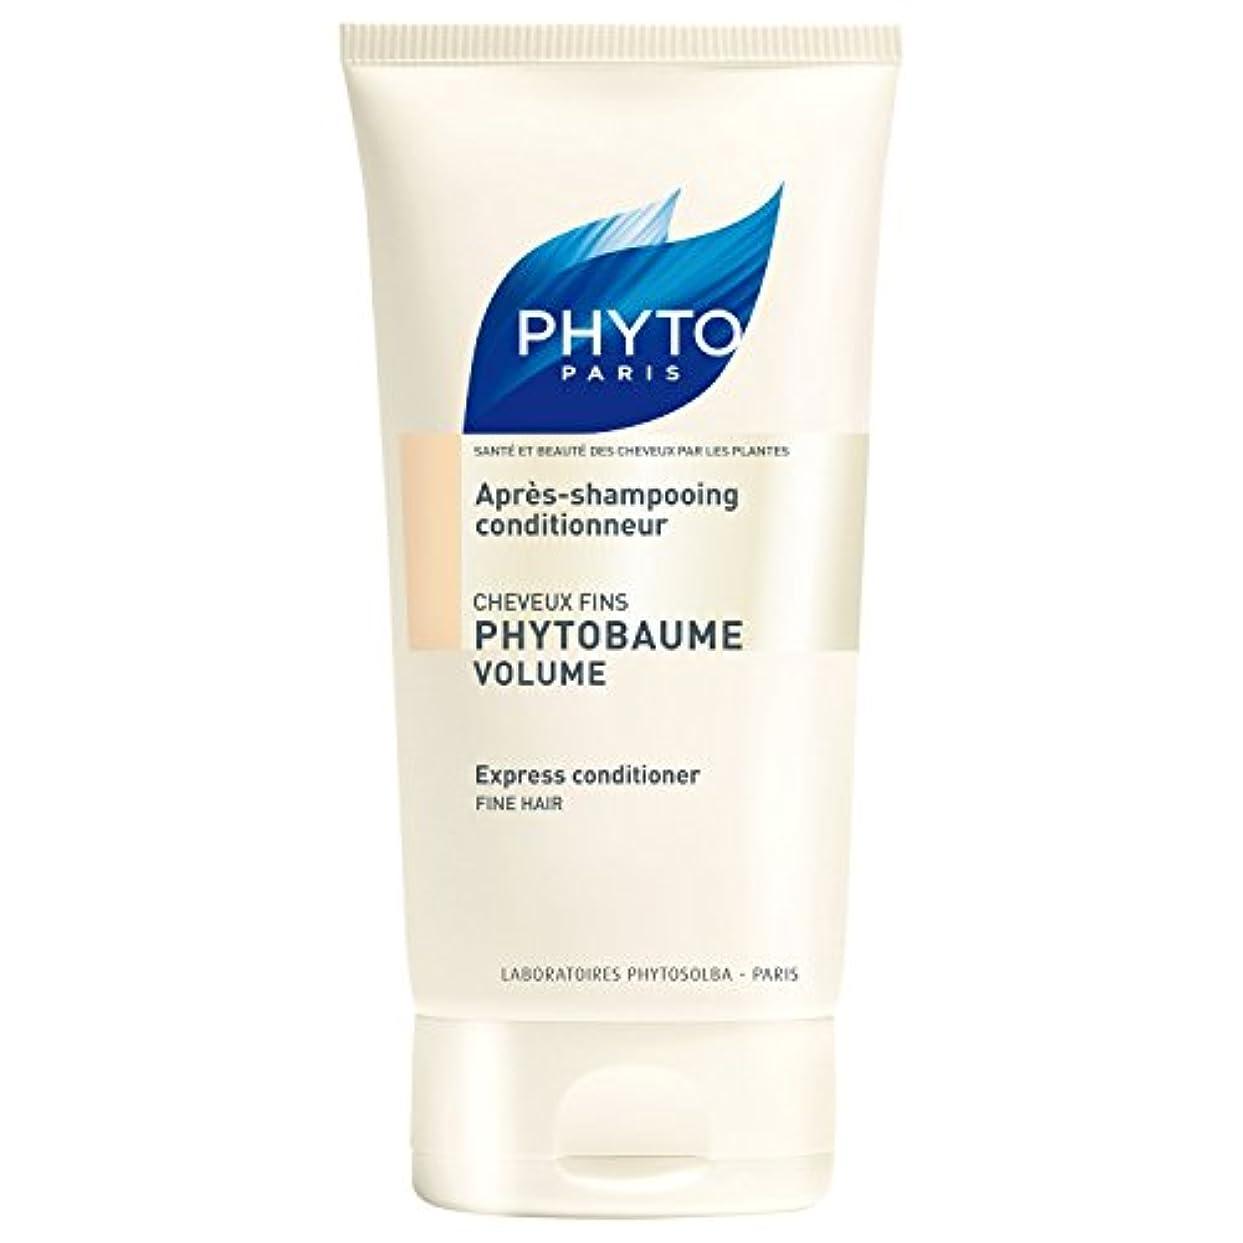 ロマンス寄託彼女細い髪の150ミリリットルのためのフィトPhytobaumeボリュームエクスプレスコンディショナー (Phyto) (x6) - Phyto Phytobaume Volume Express Conditioner for...